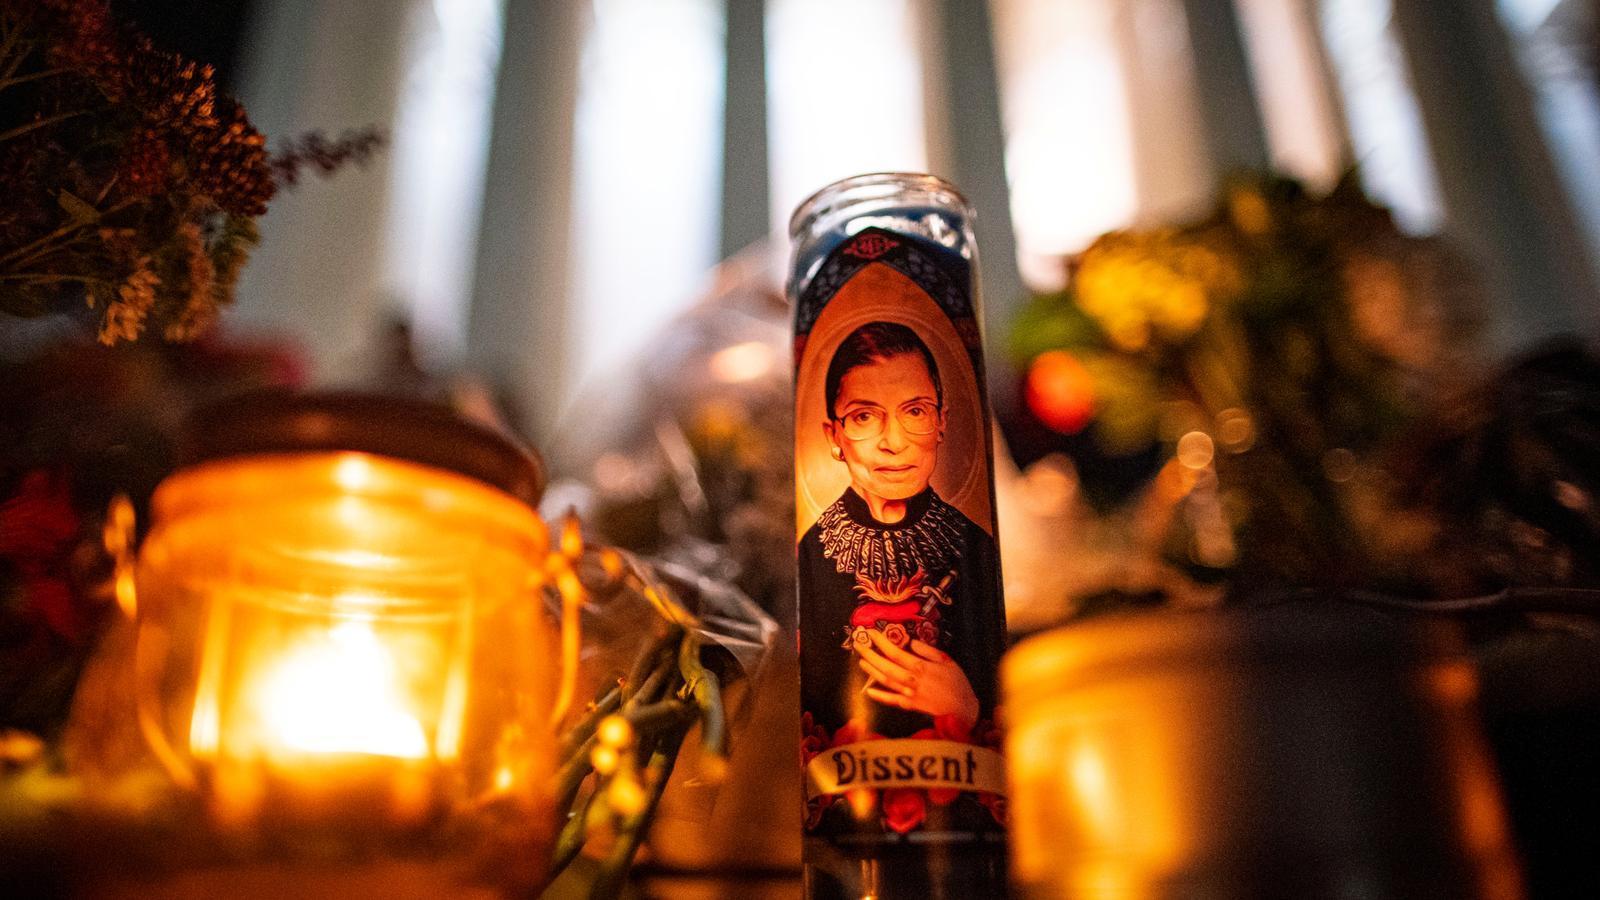 Espelmes en record de Ruth Bader Ginsburg a l'exterior de l'edifici del Tribunal Suprem a Washington.